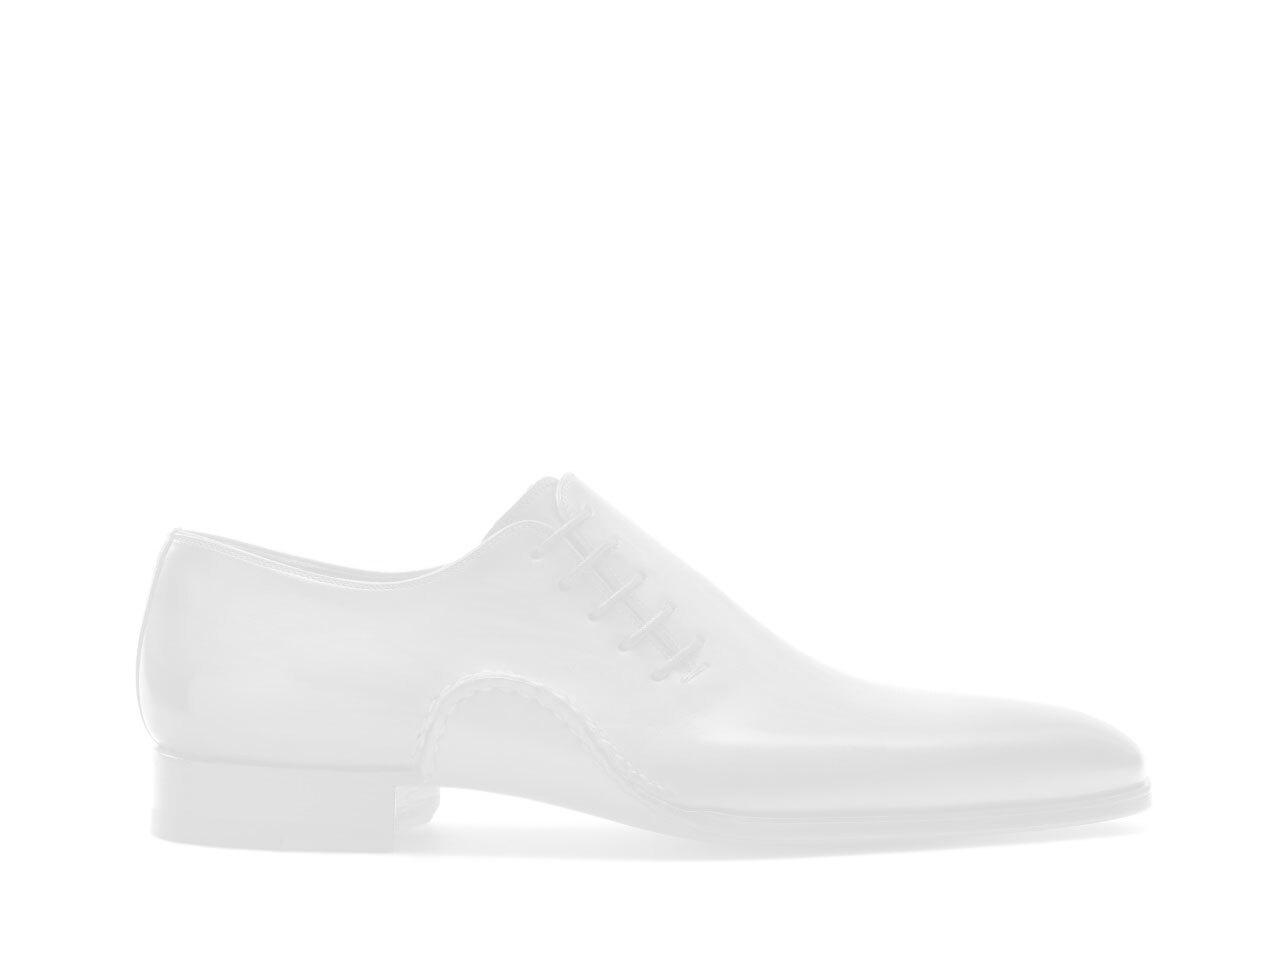 Side view of the Magnanni Lennon Cuero Men's Single Monk Strap Shoes